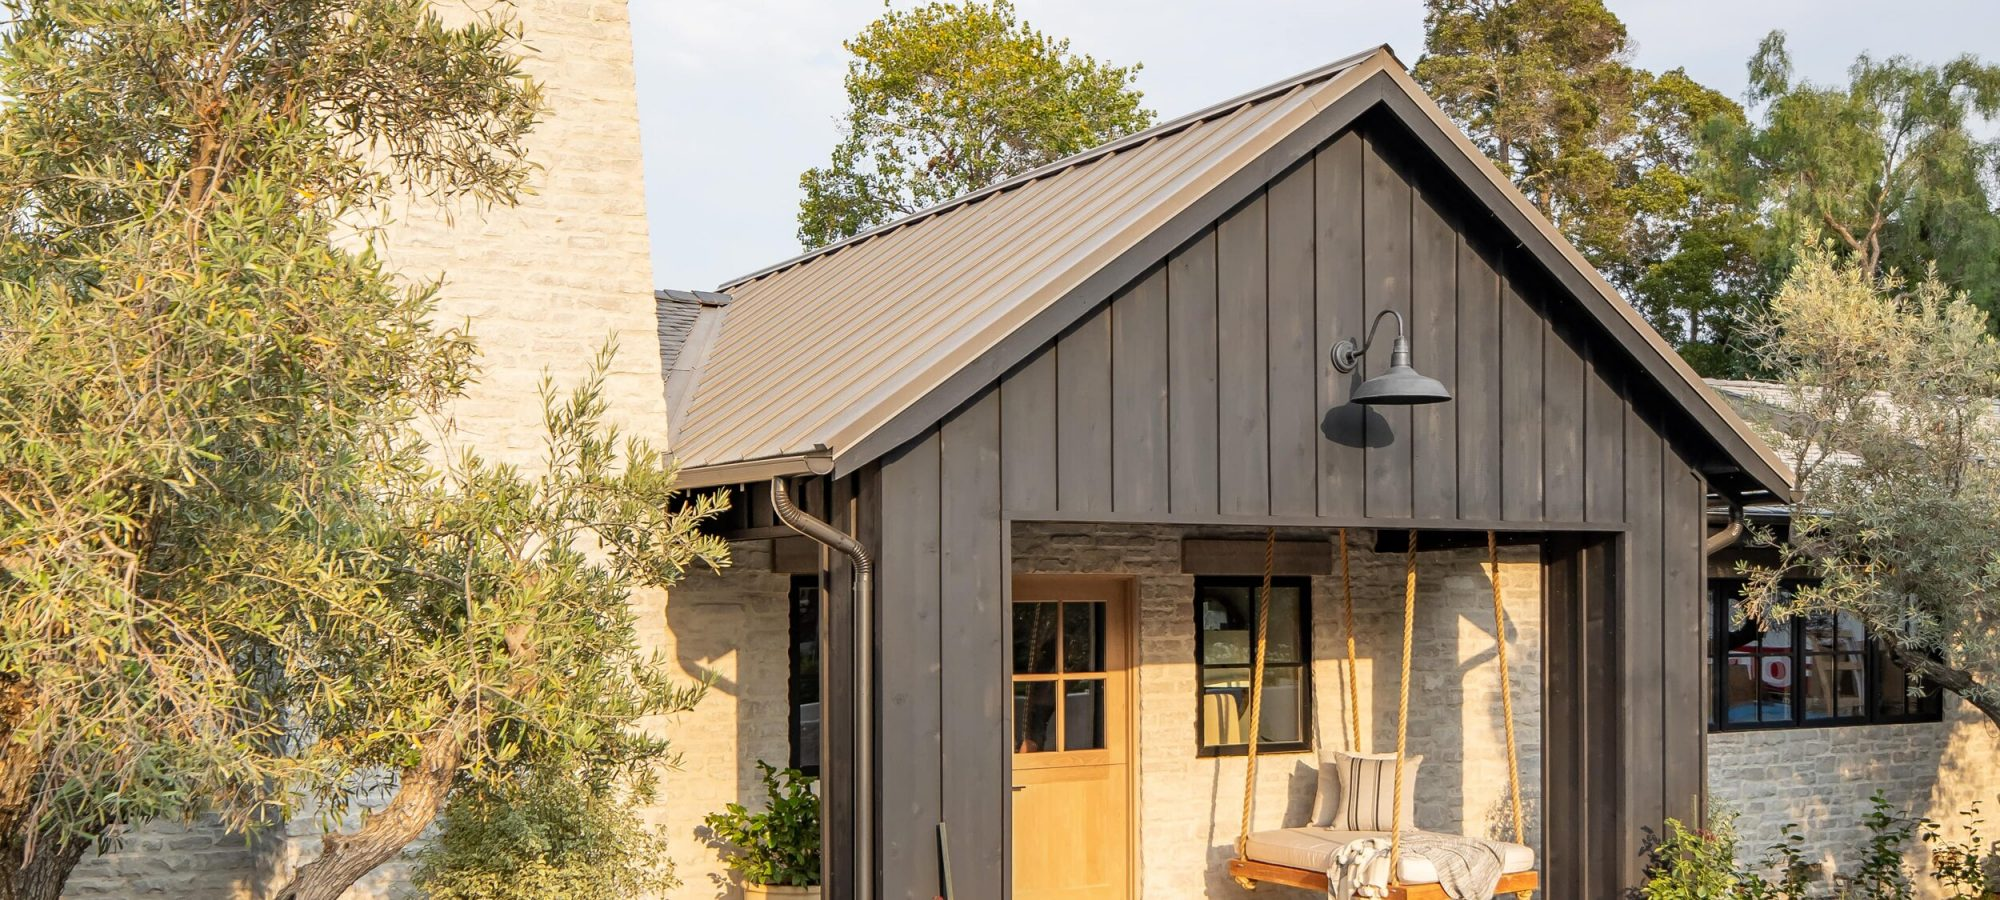 The Crestview House: Webisode Part 1